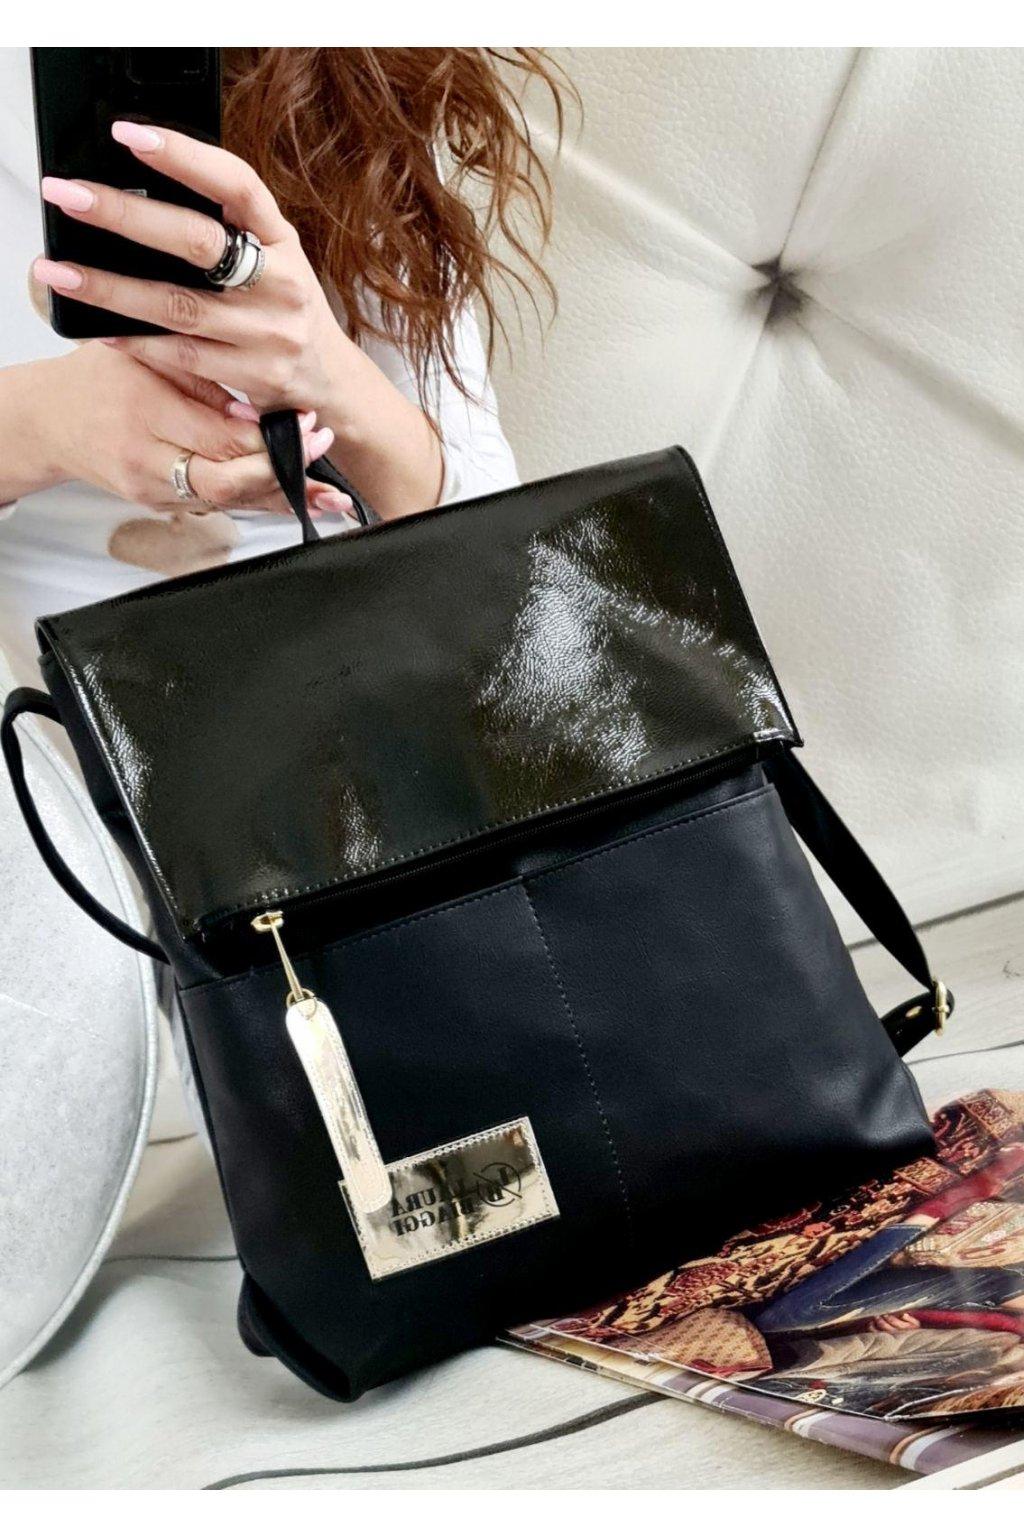 Laura Biaggi batoh černý trendy luxusní značkový kabelka italy style eko kůže